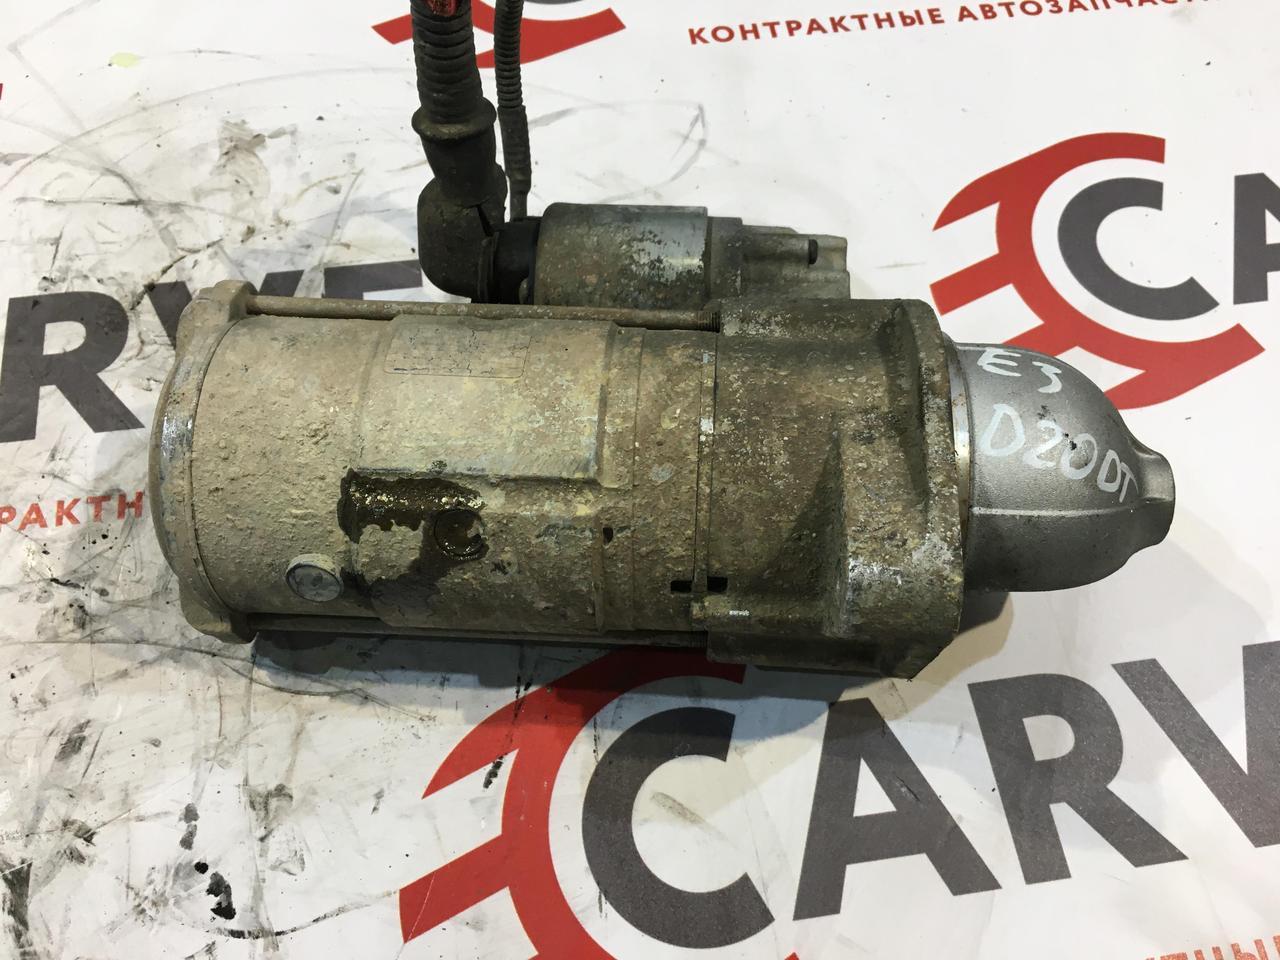 Стартер двигателя Ssangyong Actyon. Кузов: SPORT. D20DTR (671.960). , 2.0л., 175л.с.